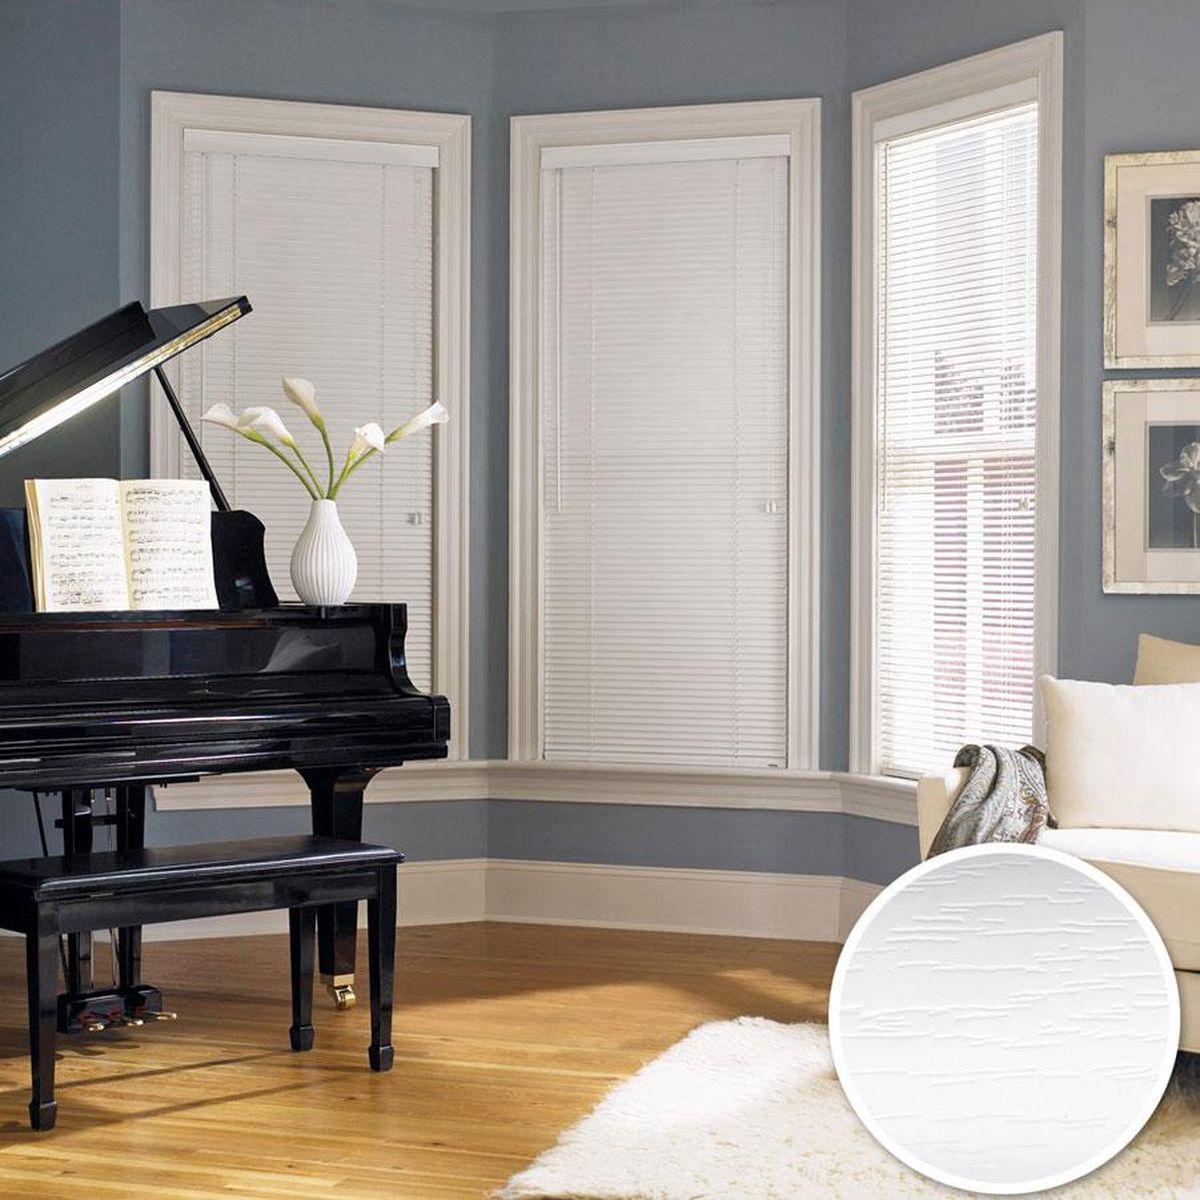 Жалюзи Эскар, цвет: белый, ширина 120 см, высота 160 см61008120160Для того чтобы придать интерьеру изюминку и завершенность, нет ничего лучше, чем использовать жалюзи на окнах квартиры, дома или офиса. С их помощью можно подчеркнуть индивидуальный вкус, а также стилевое оформление помещения. Помимо декоративных функций, жалюзи выполняют и практические задачи: они защищают от излишнего солнечного света, не дают помещению нагреваться, а также создают уют в темное время суток. Пластиковые жалюзи - самое универсальное и недорогое решение для любого помещения. Купить их может каждый, а широкий выбор размеров под самые популярные габариты сделает покупку простой и удобной. Пластиковые жалюзи имеют высокие эксплуатационные характеристики - они гигиеничны, что делает их незаменимыми при монтаже в детских и медицинских учреждениях.